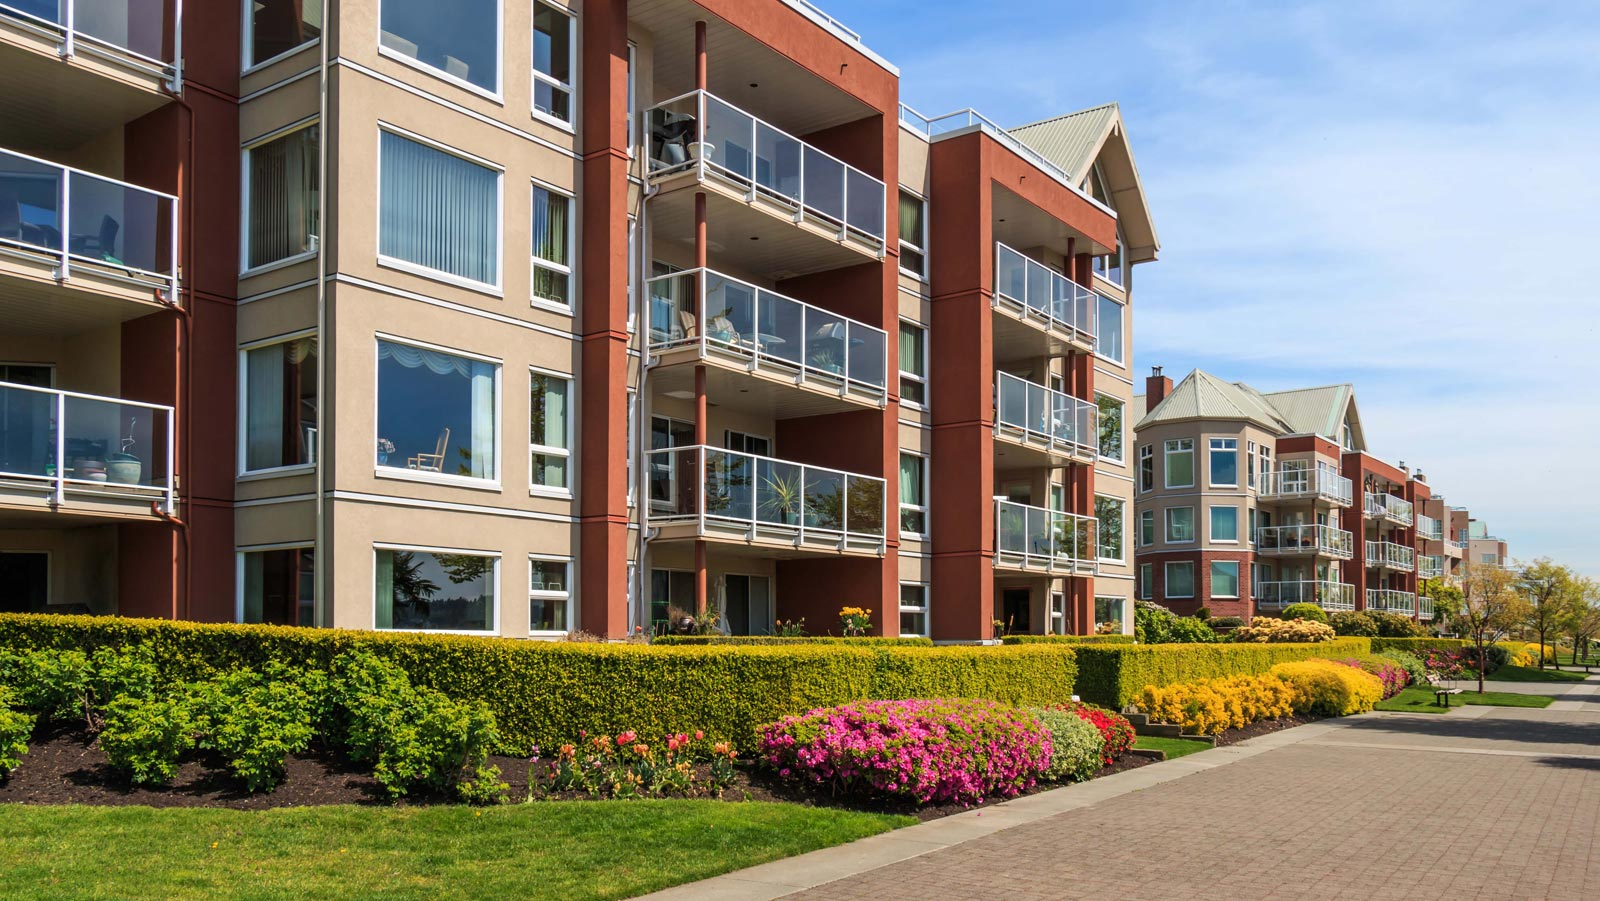 Condominio: è lecito fotografare il vicino che viola il regolamento condominiale?